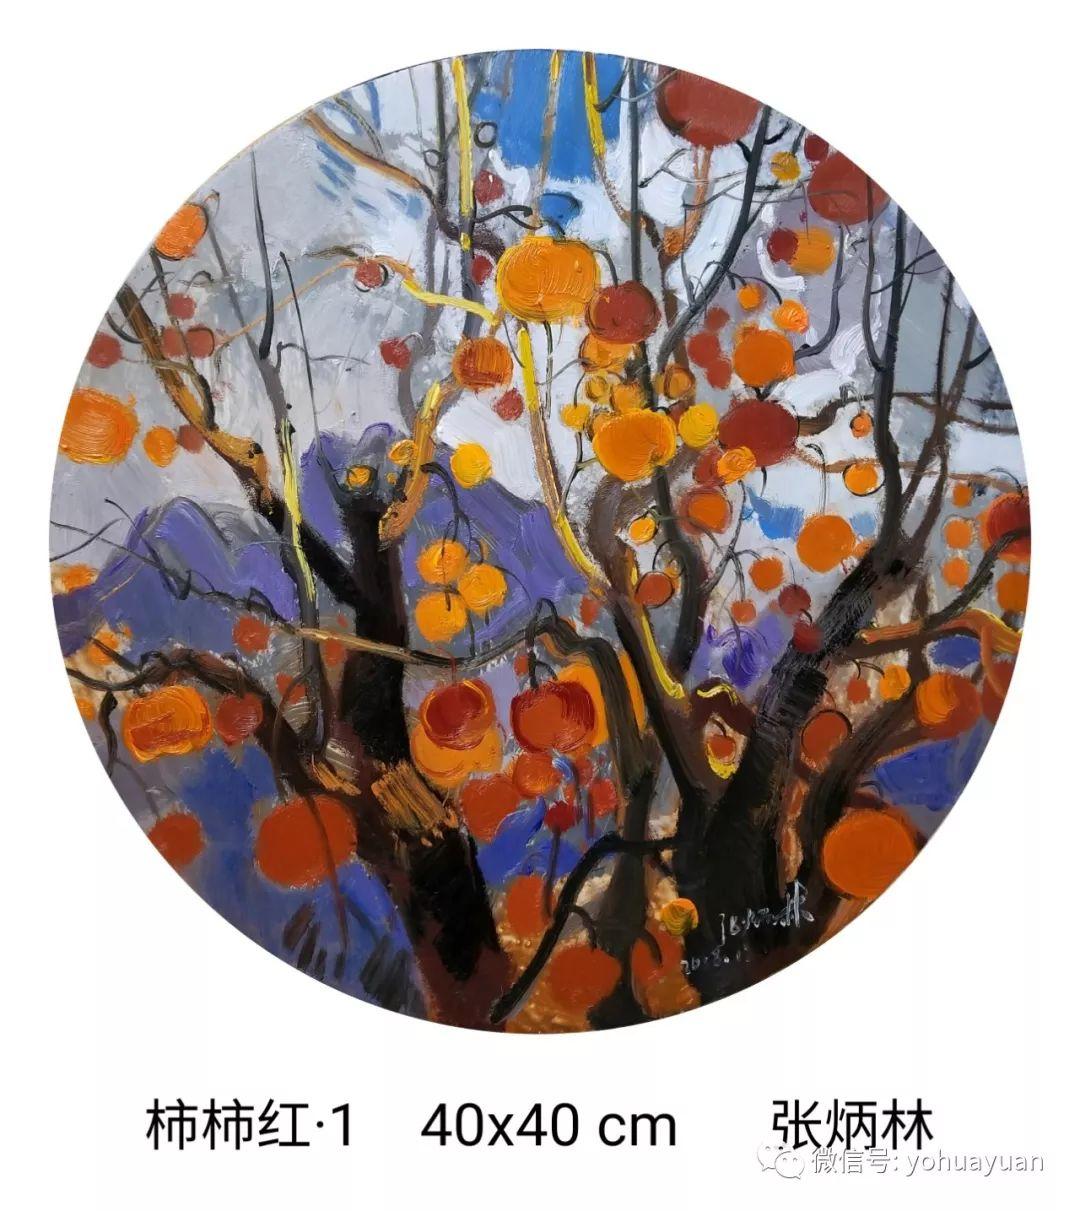 油画作品拍卖(内蒙古草原写生) 第98张